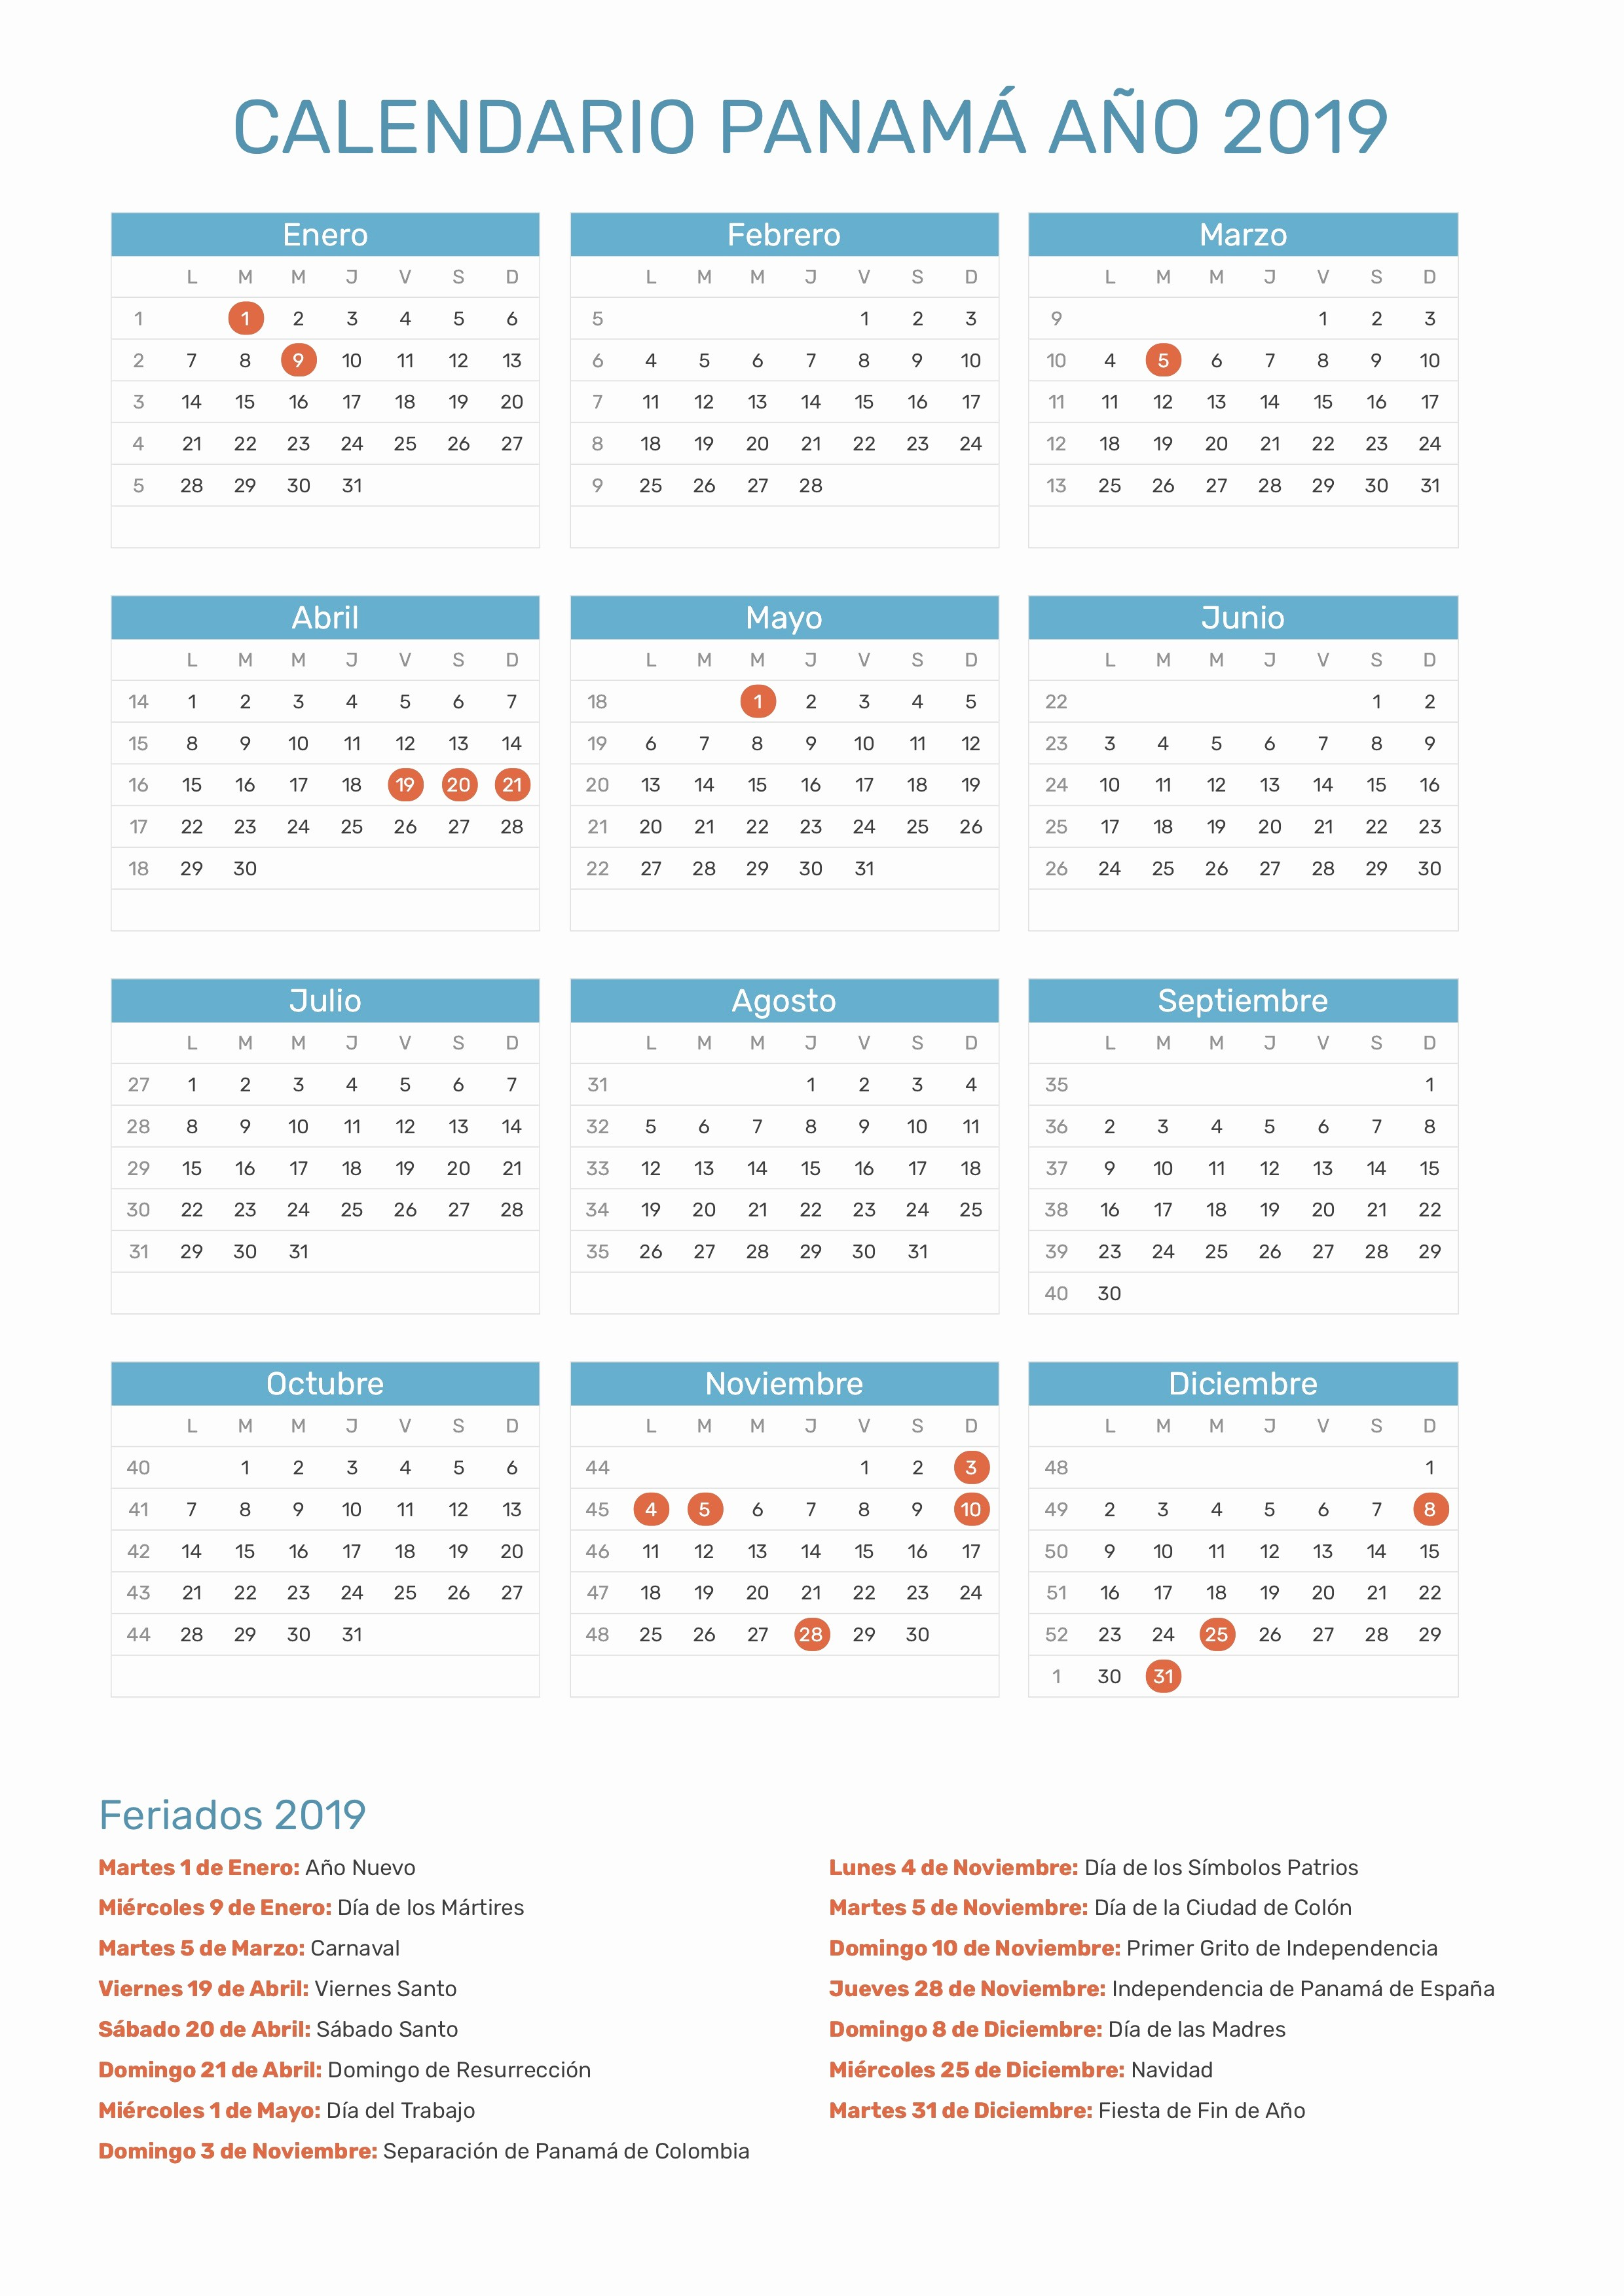 Calendario Escolar 2018 Y 2019 Sep Pdf Recientes Inicio Del Calendario Chino 2019 Calendario Escolar 2018 2019 De 195 Of Calendario Escolar 2018 Y 2019 Sep Pdf Más Reciente Fresh 44 Ejemplos Calendario De Las 13 Lunas 2019